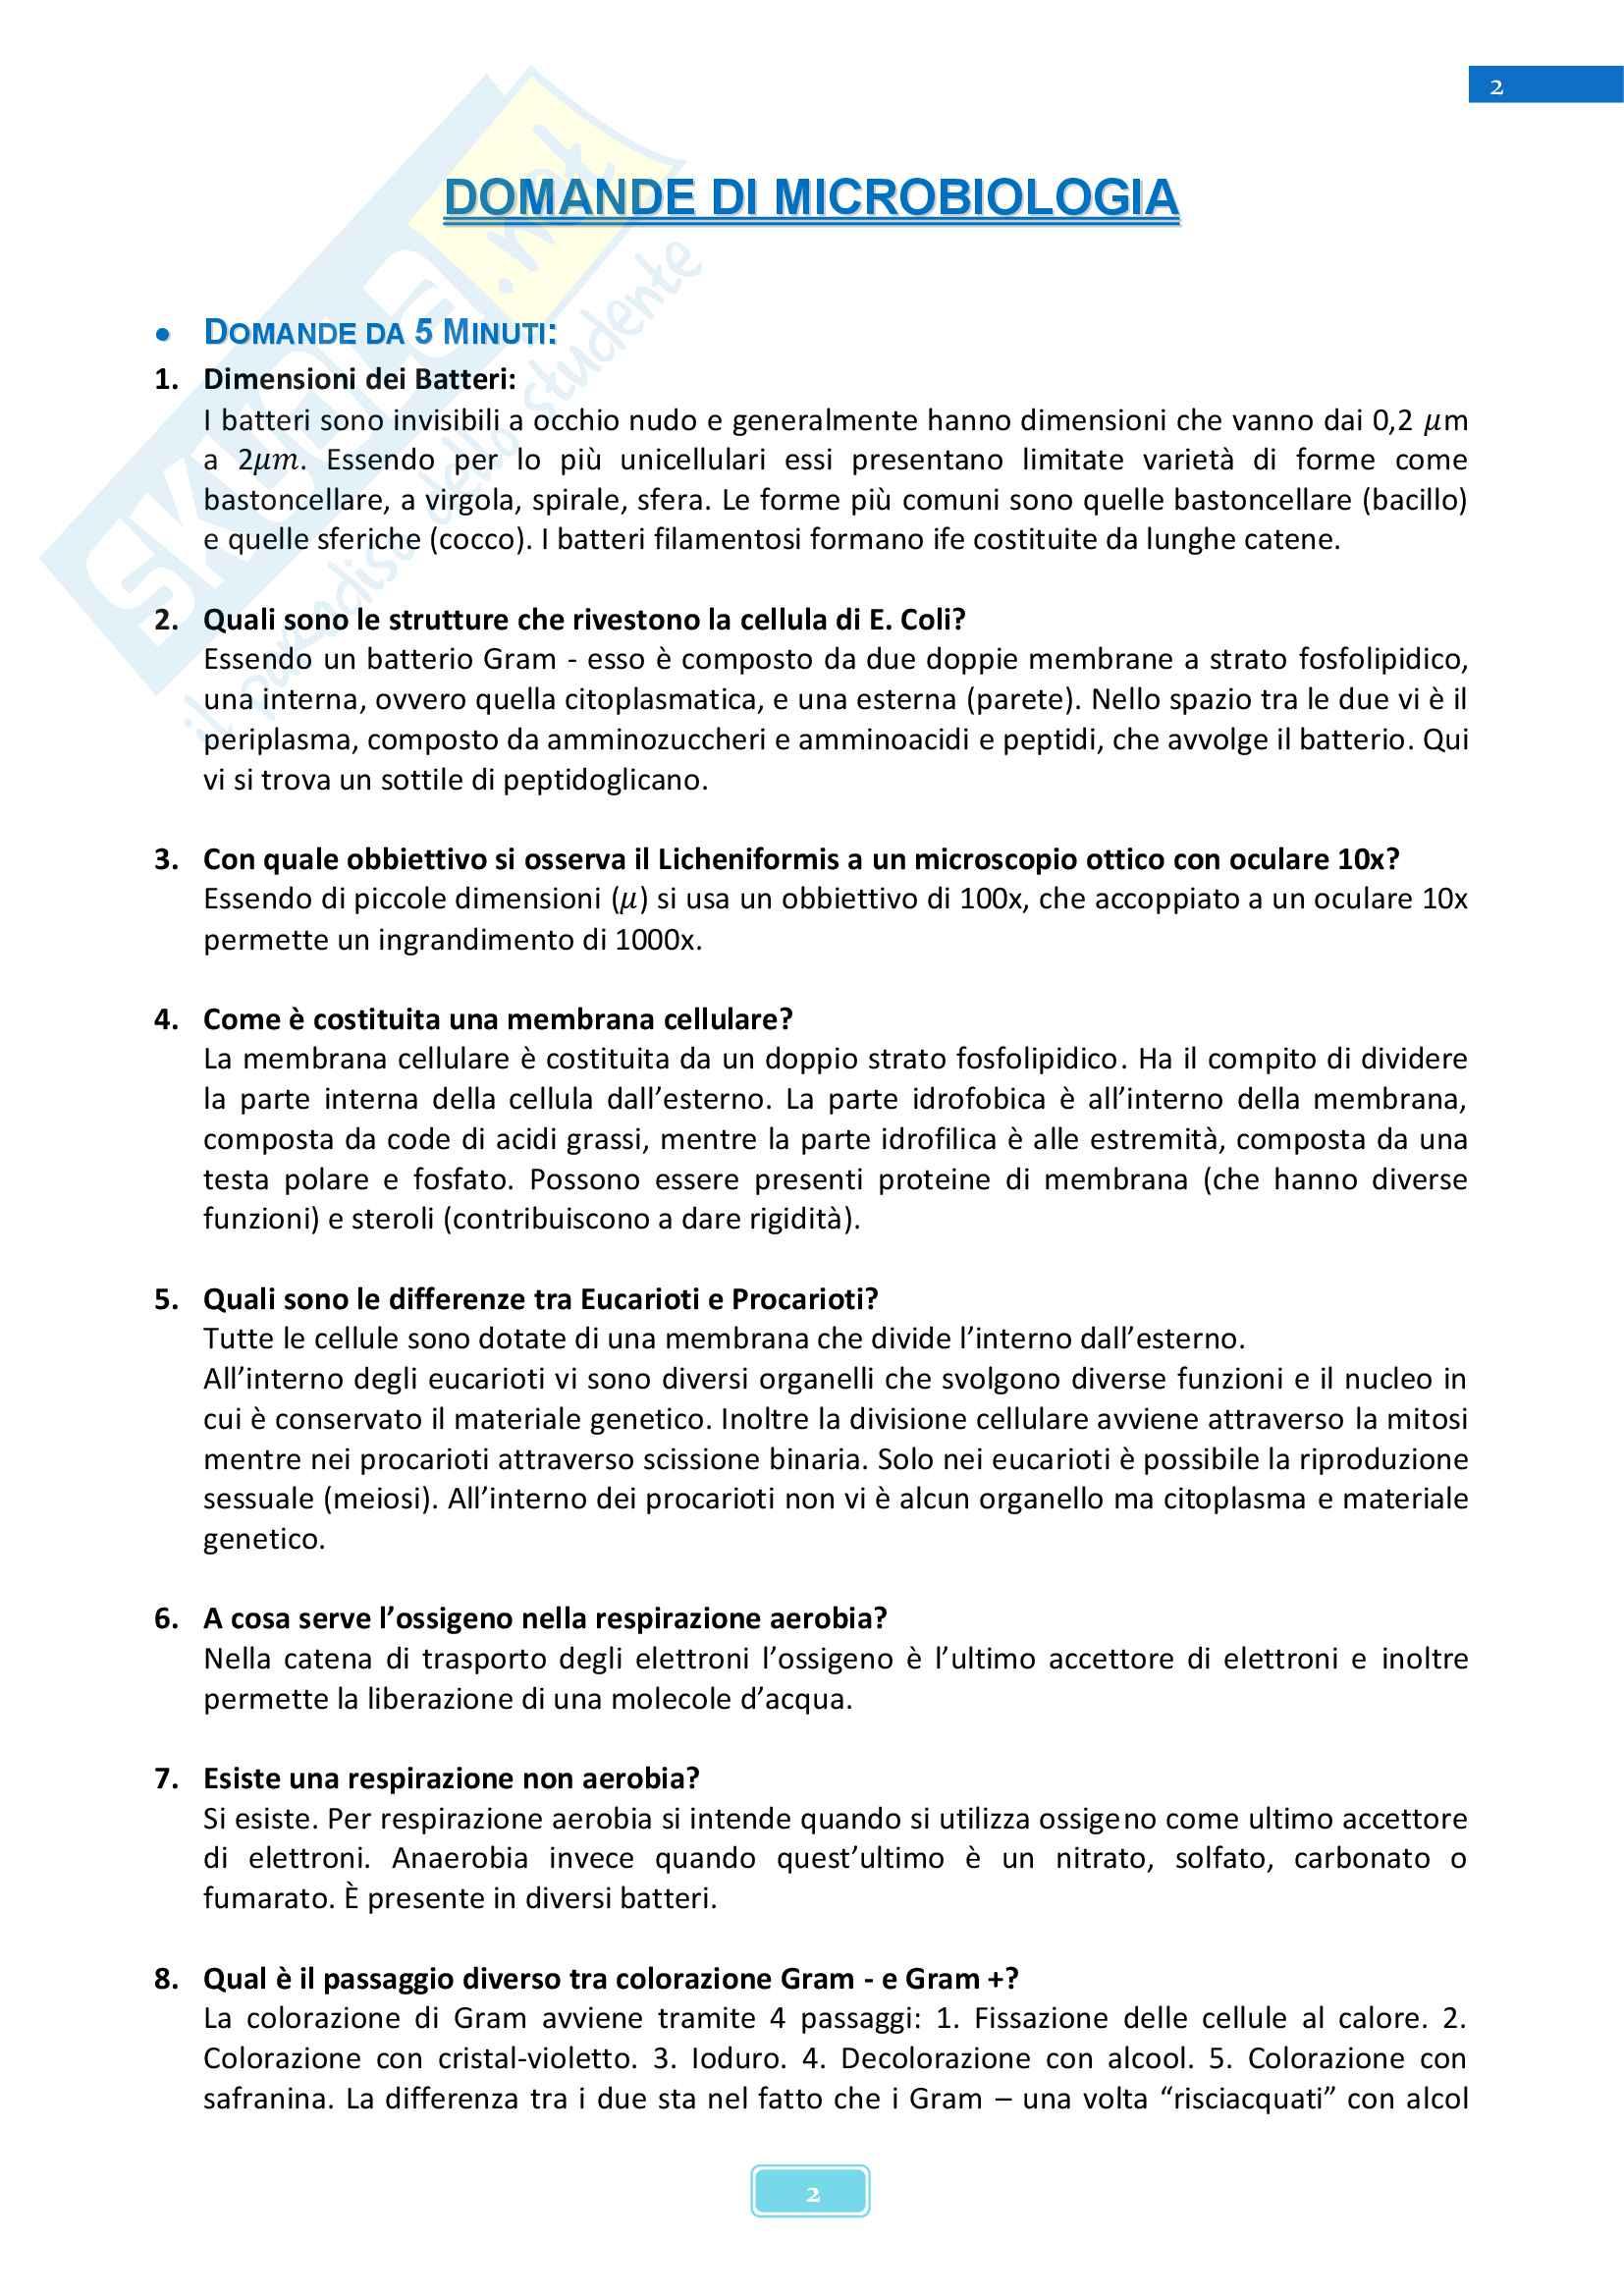 Domande e risposte d'esame di Microbiologia - Corso di Biologia dei Microrganismi Pag. 2